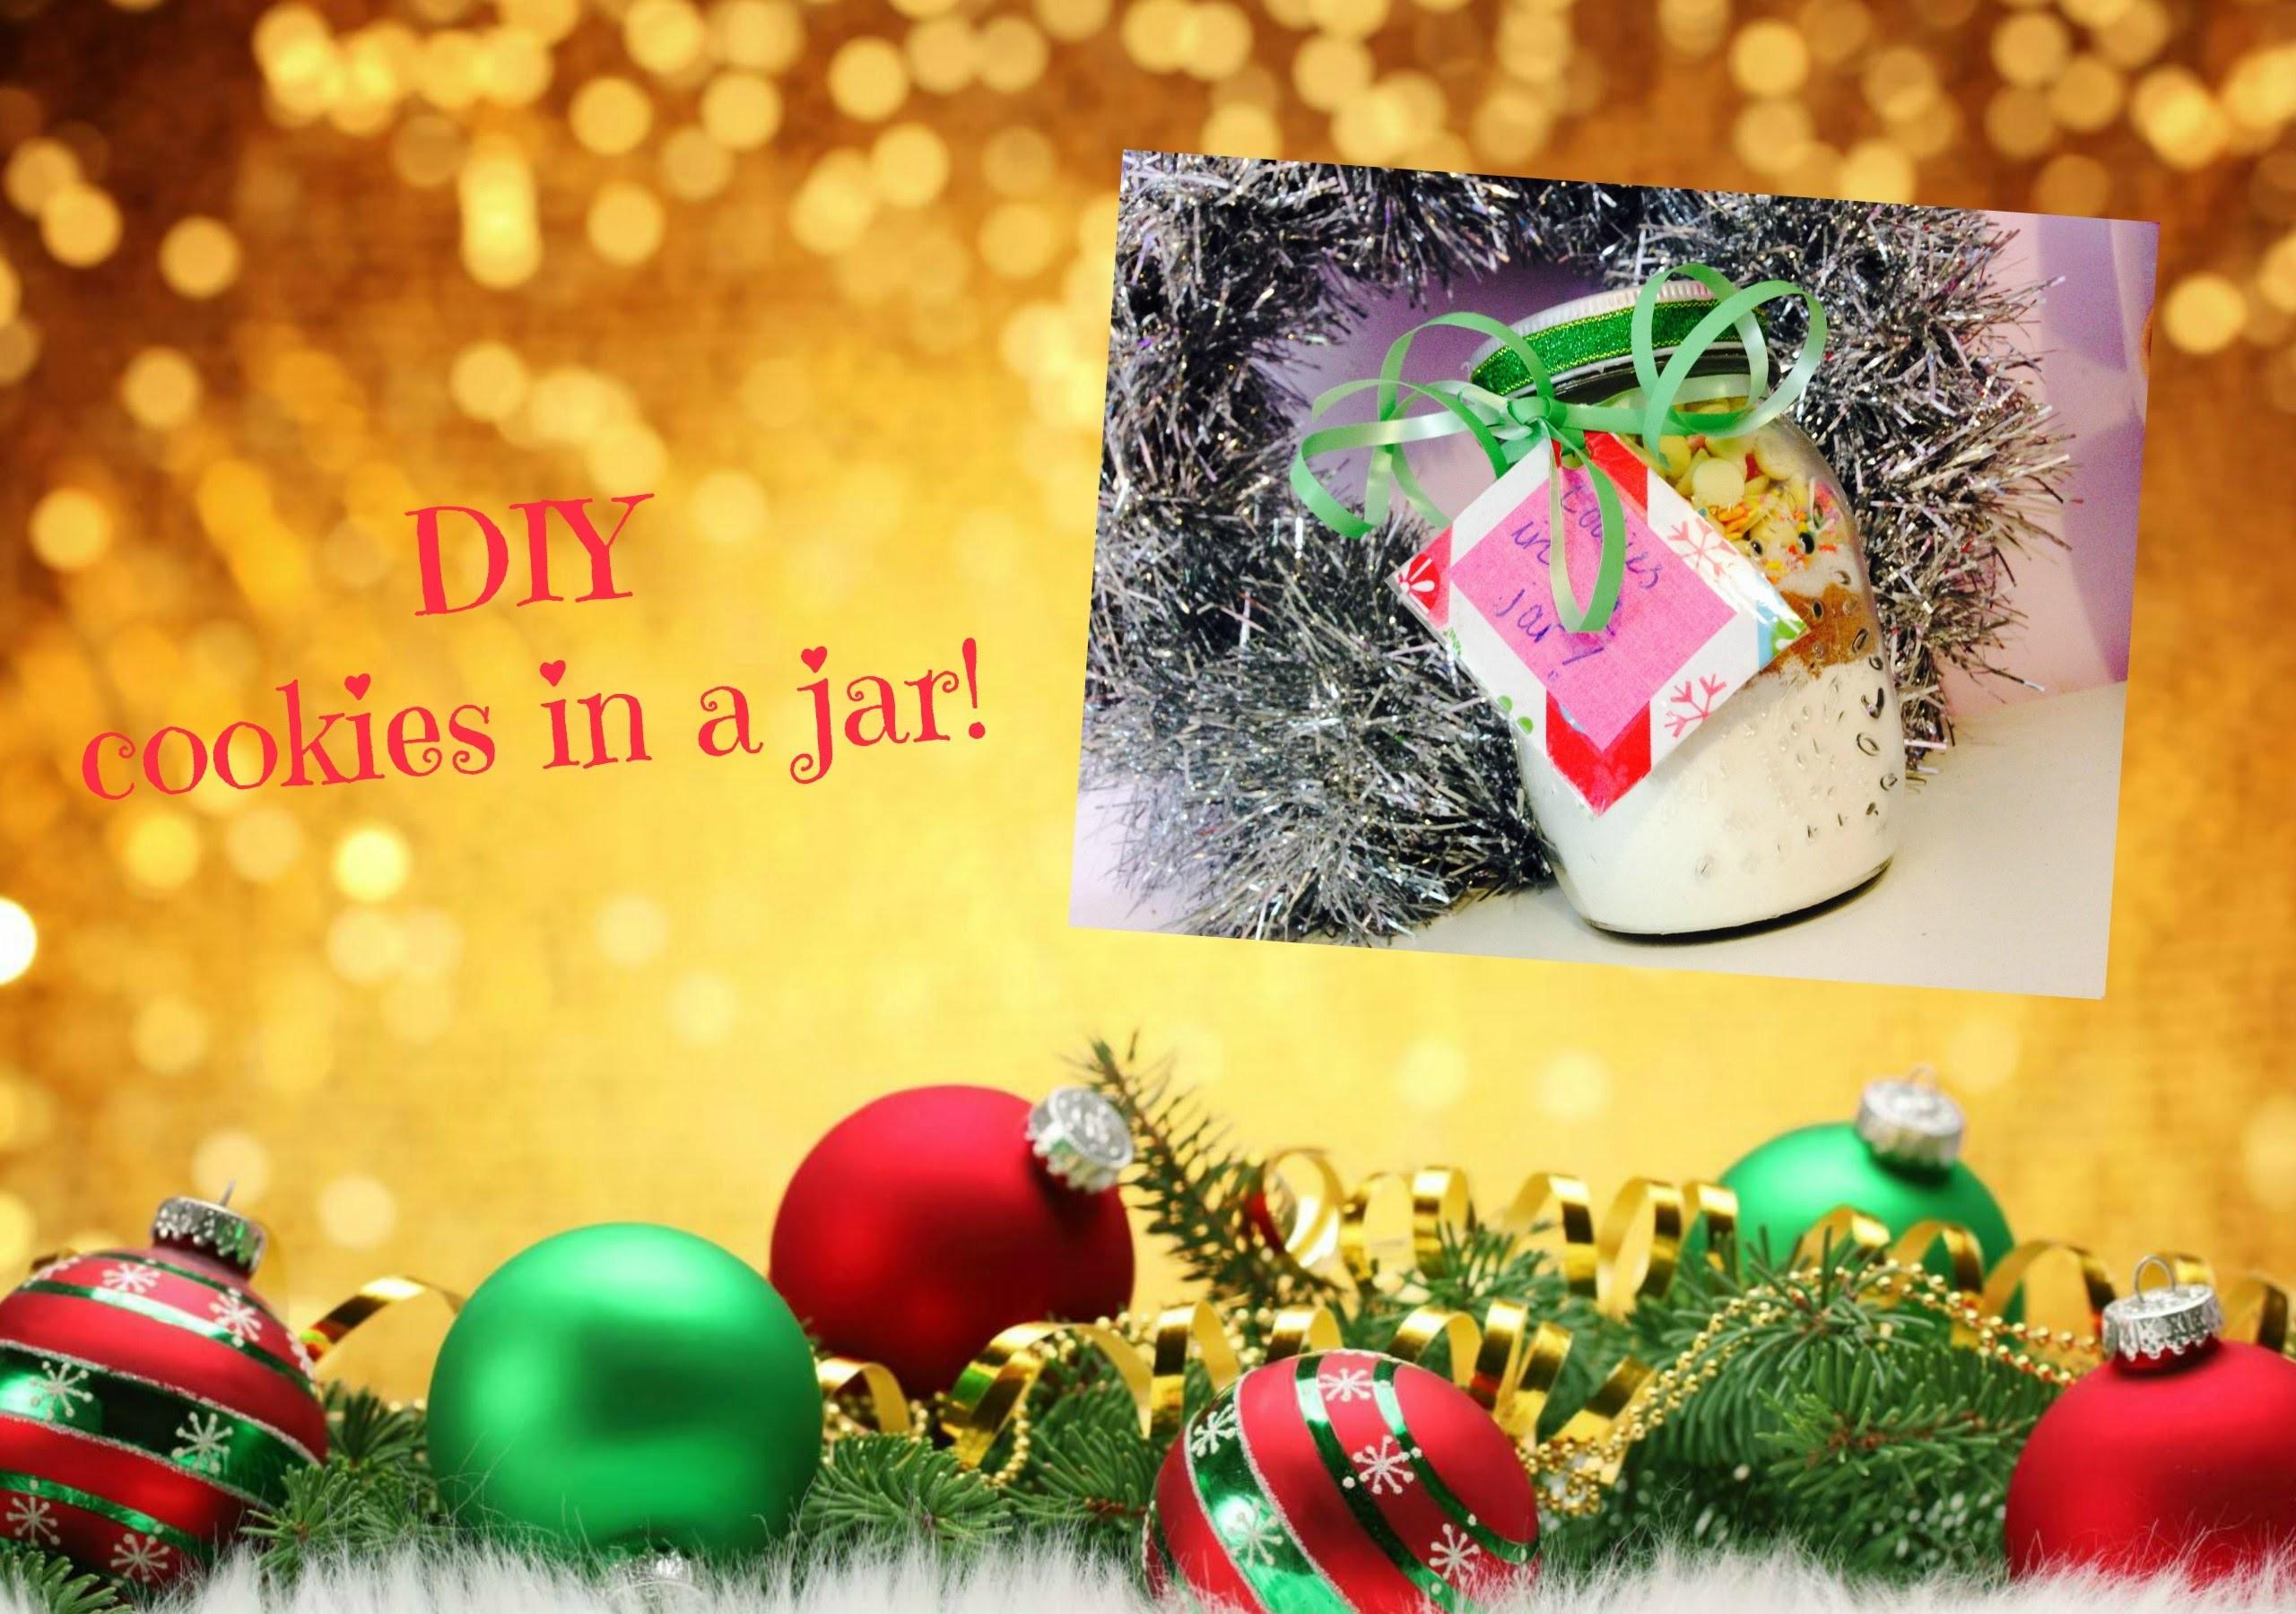 DIY 'cookies in a jar'